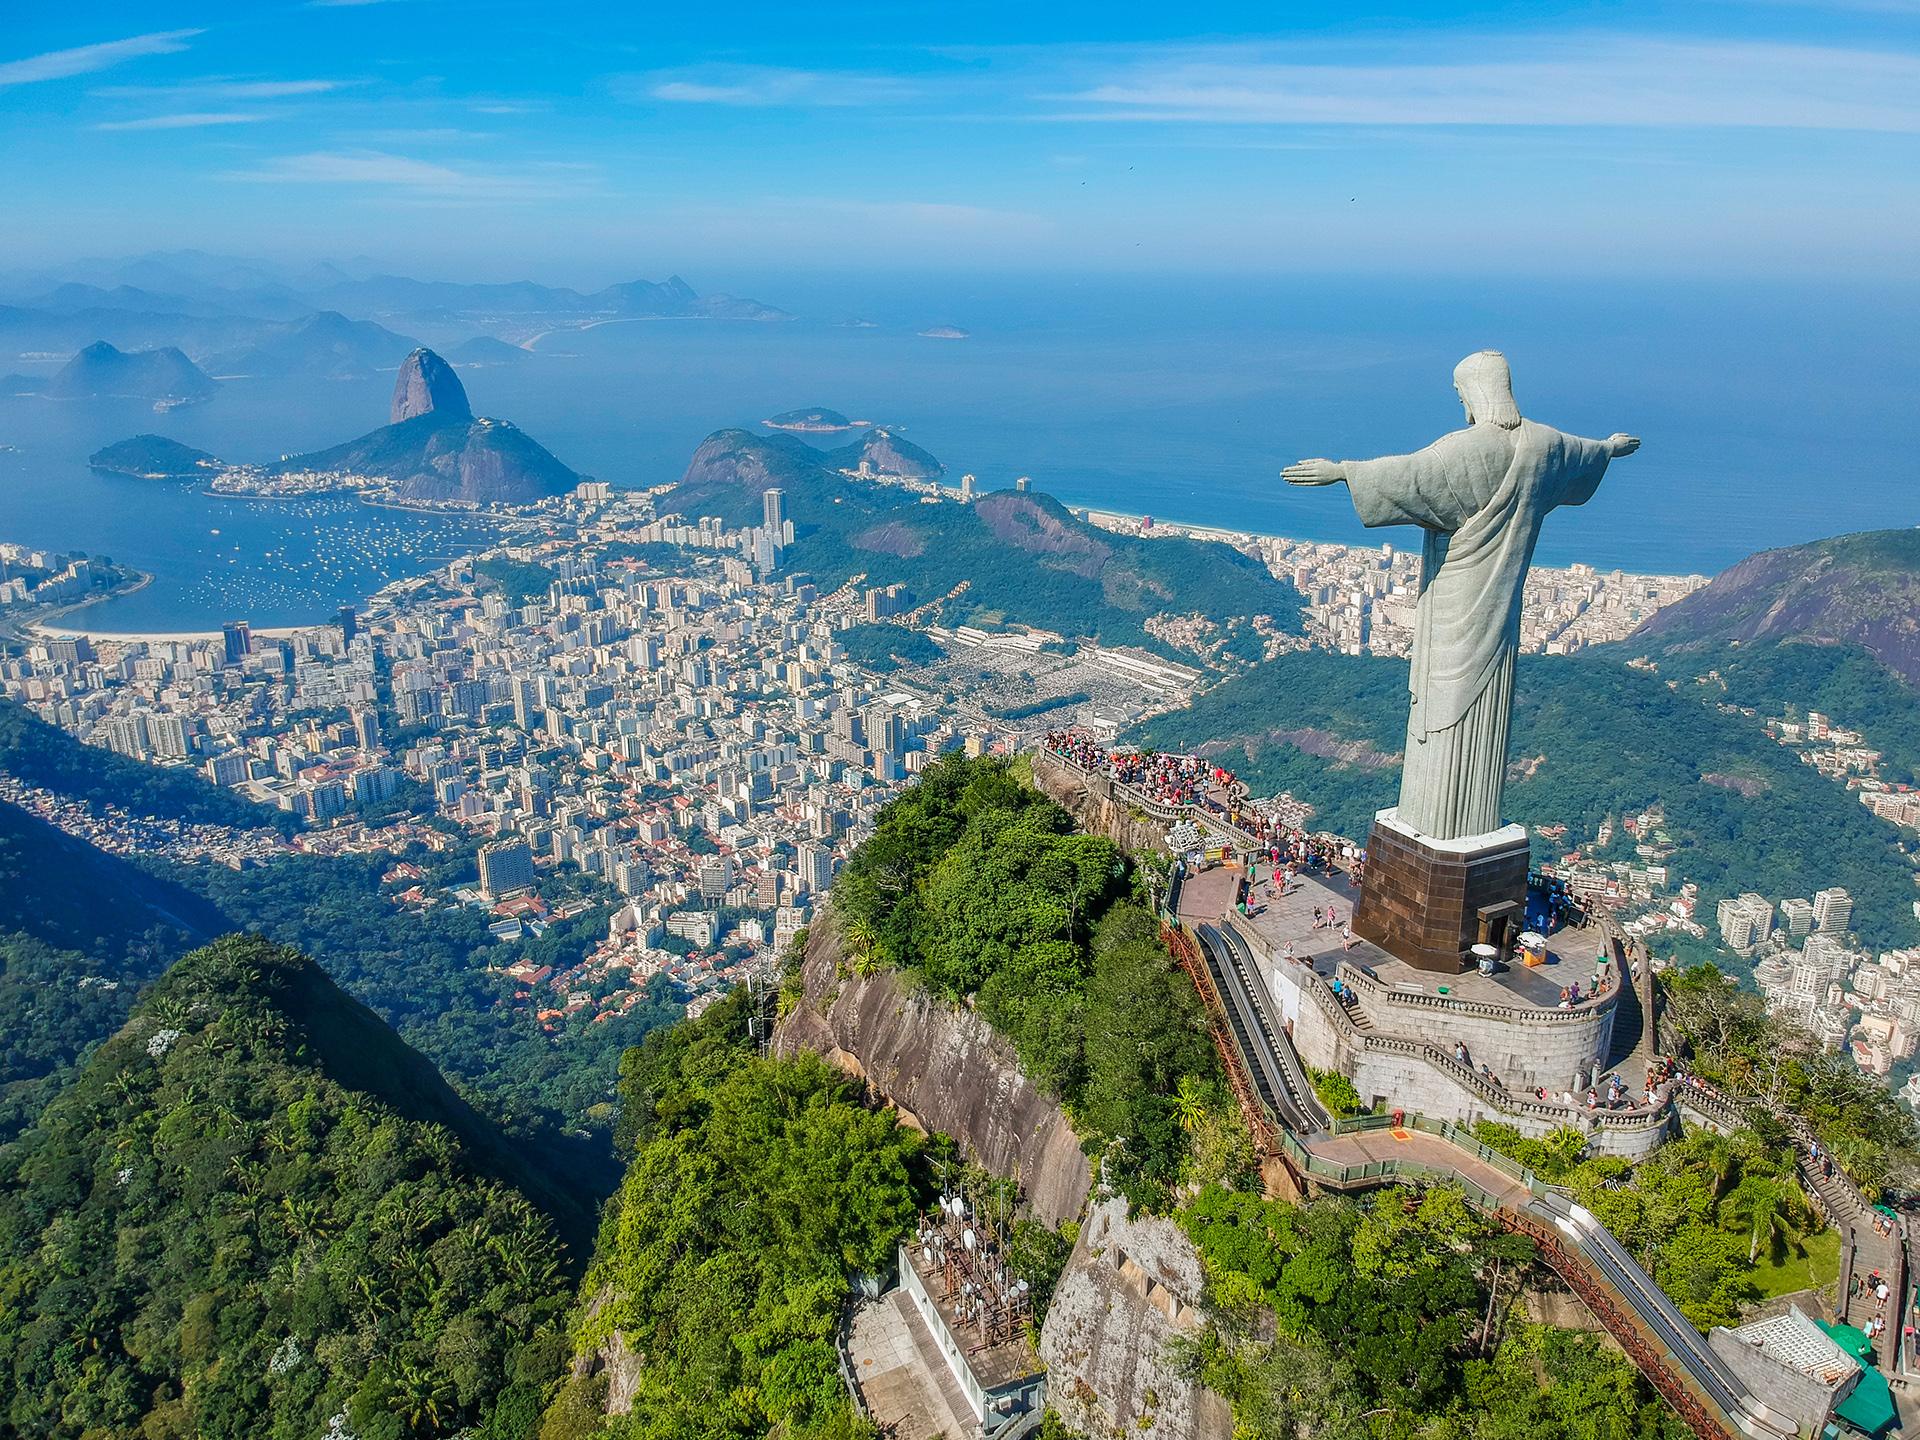 Clima de playa, buena gastronomía y las atracciones del Cristo Redentor y el Pan de Azúcar. Río de Janeiro es una de las ciudades más populares donde todo el año se vive un clima carioca. Las playas de Copacabana, Ipanema y Leblon son las tres más populares de Río